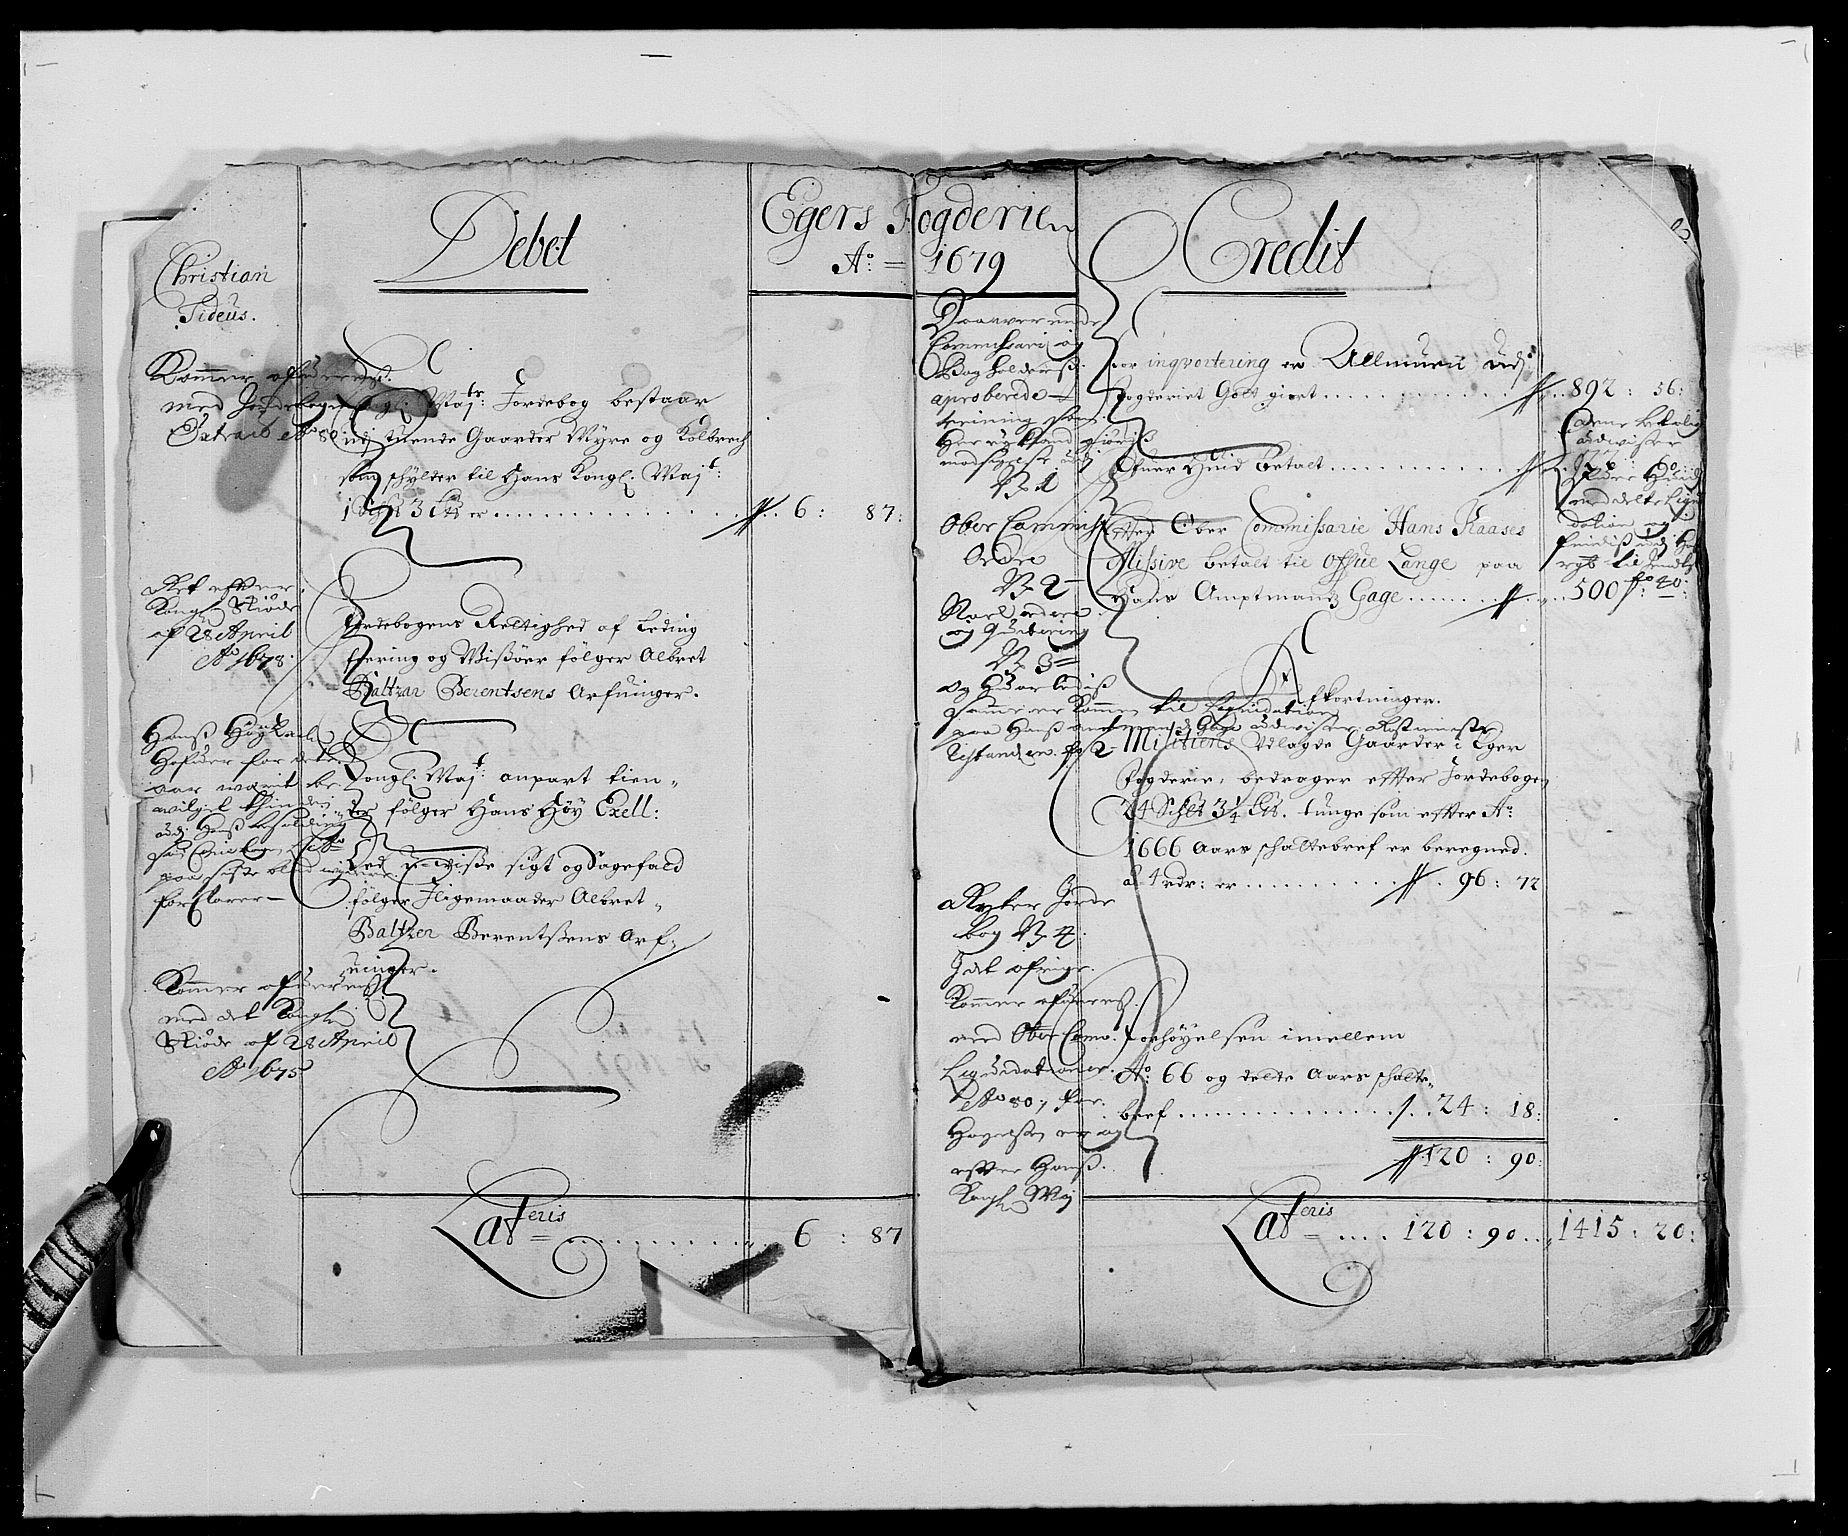 RA, Rentekammeret inntil 1814, Reviderte regnskaper, Fogderegnskap, R26/L1684: Fogderegnskap Eiker, 1679-1686, s. 2